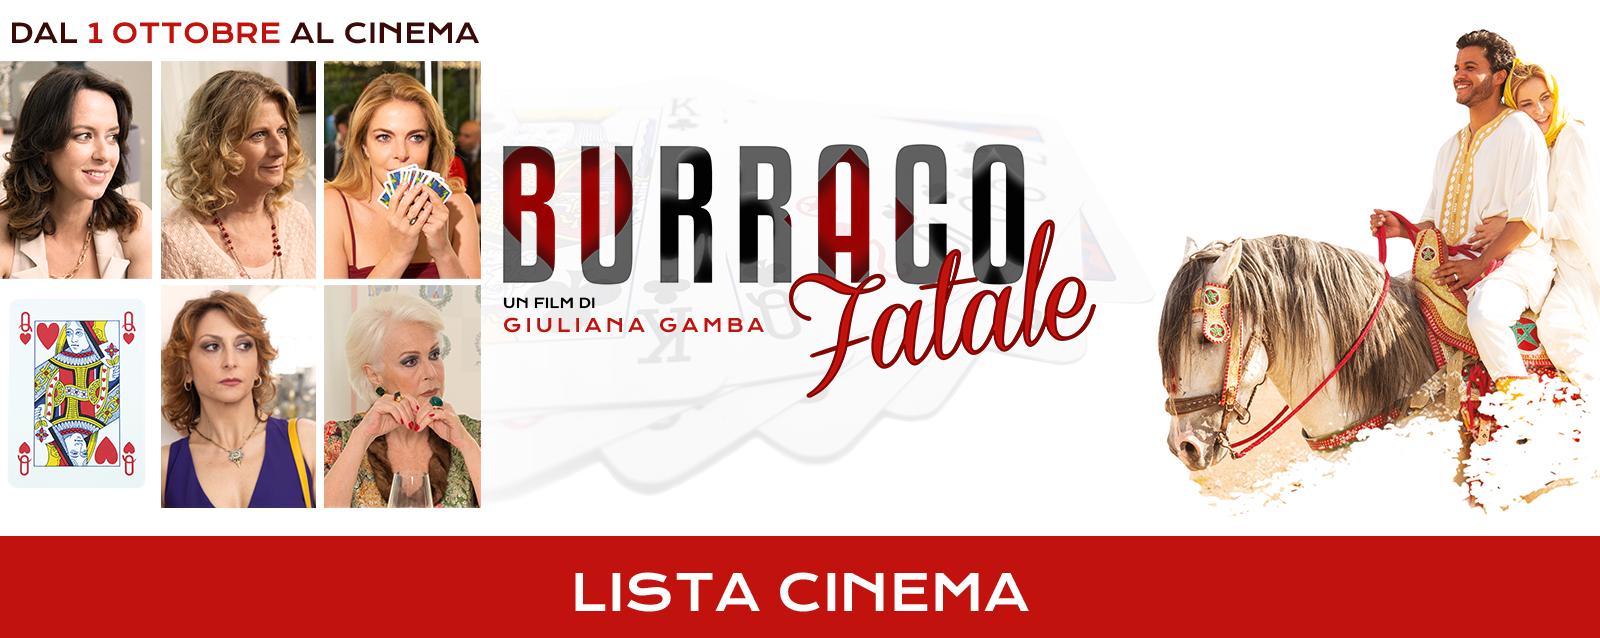 LA NUOVA LISTA CINEMA DI BURRACO FATALE AGGIORNATA DAL 15 AL 21 OTTOBRE